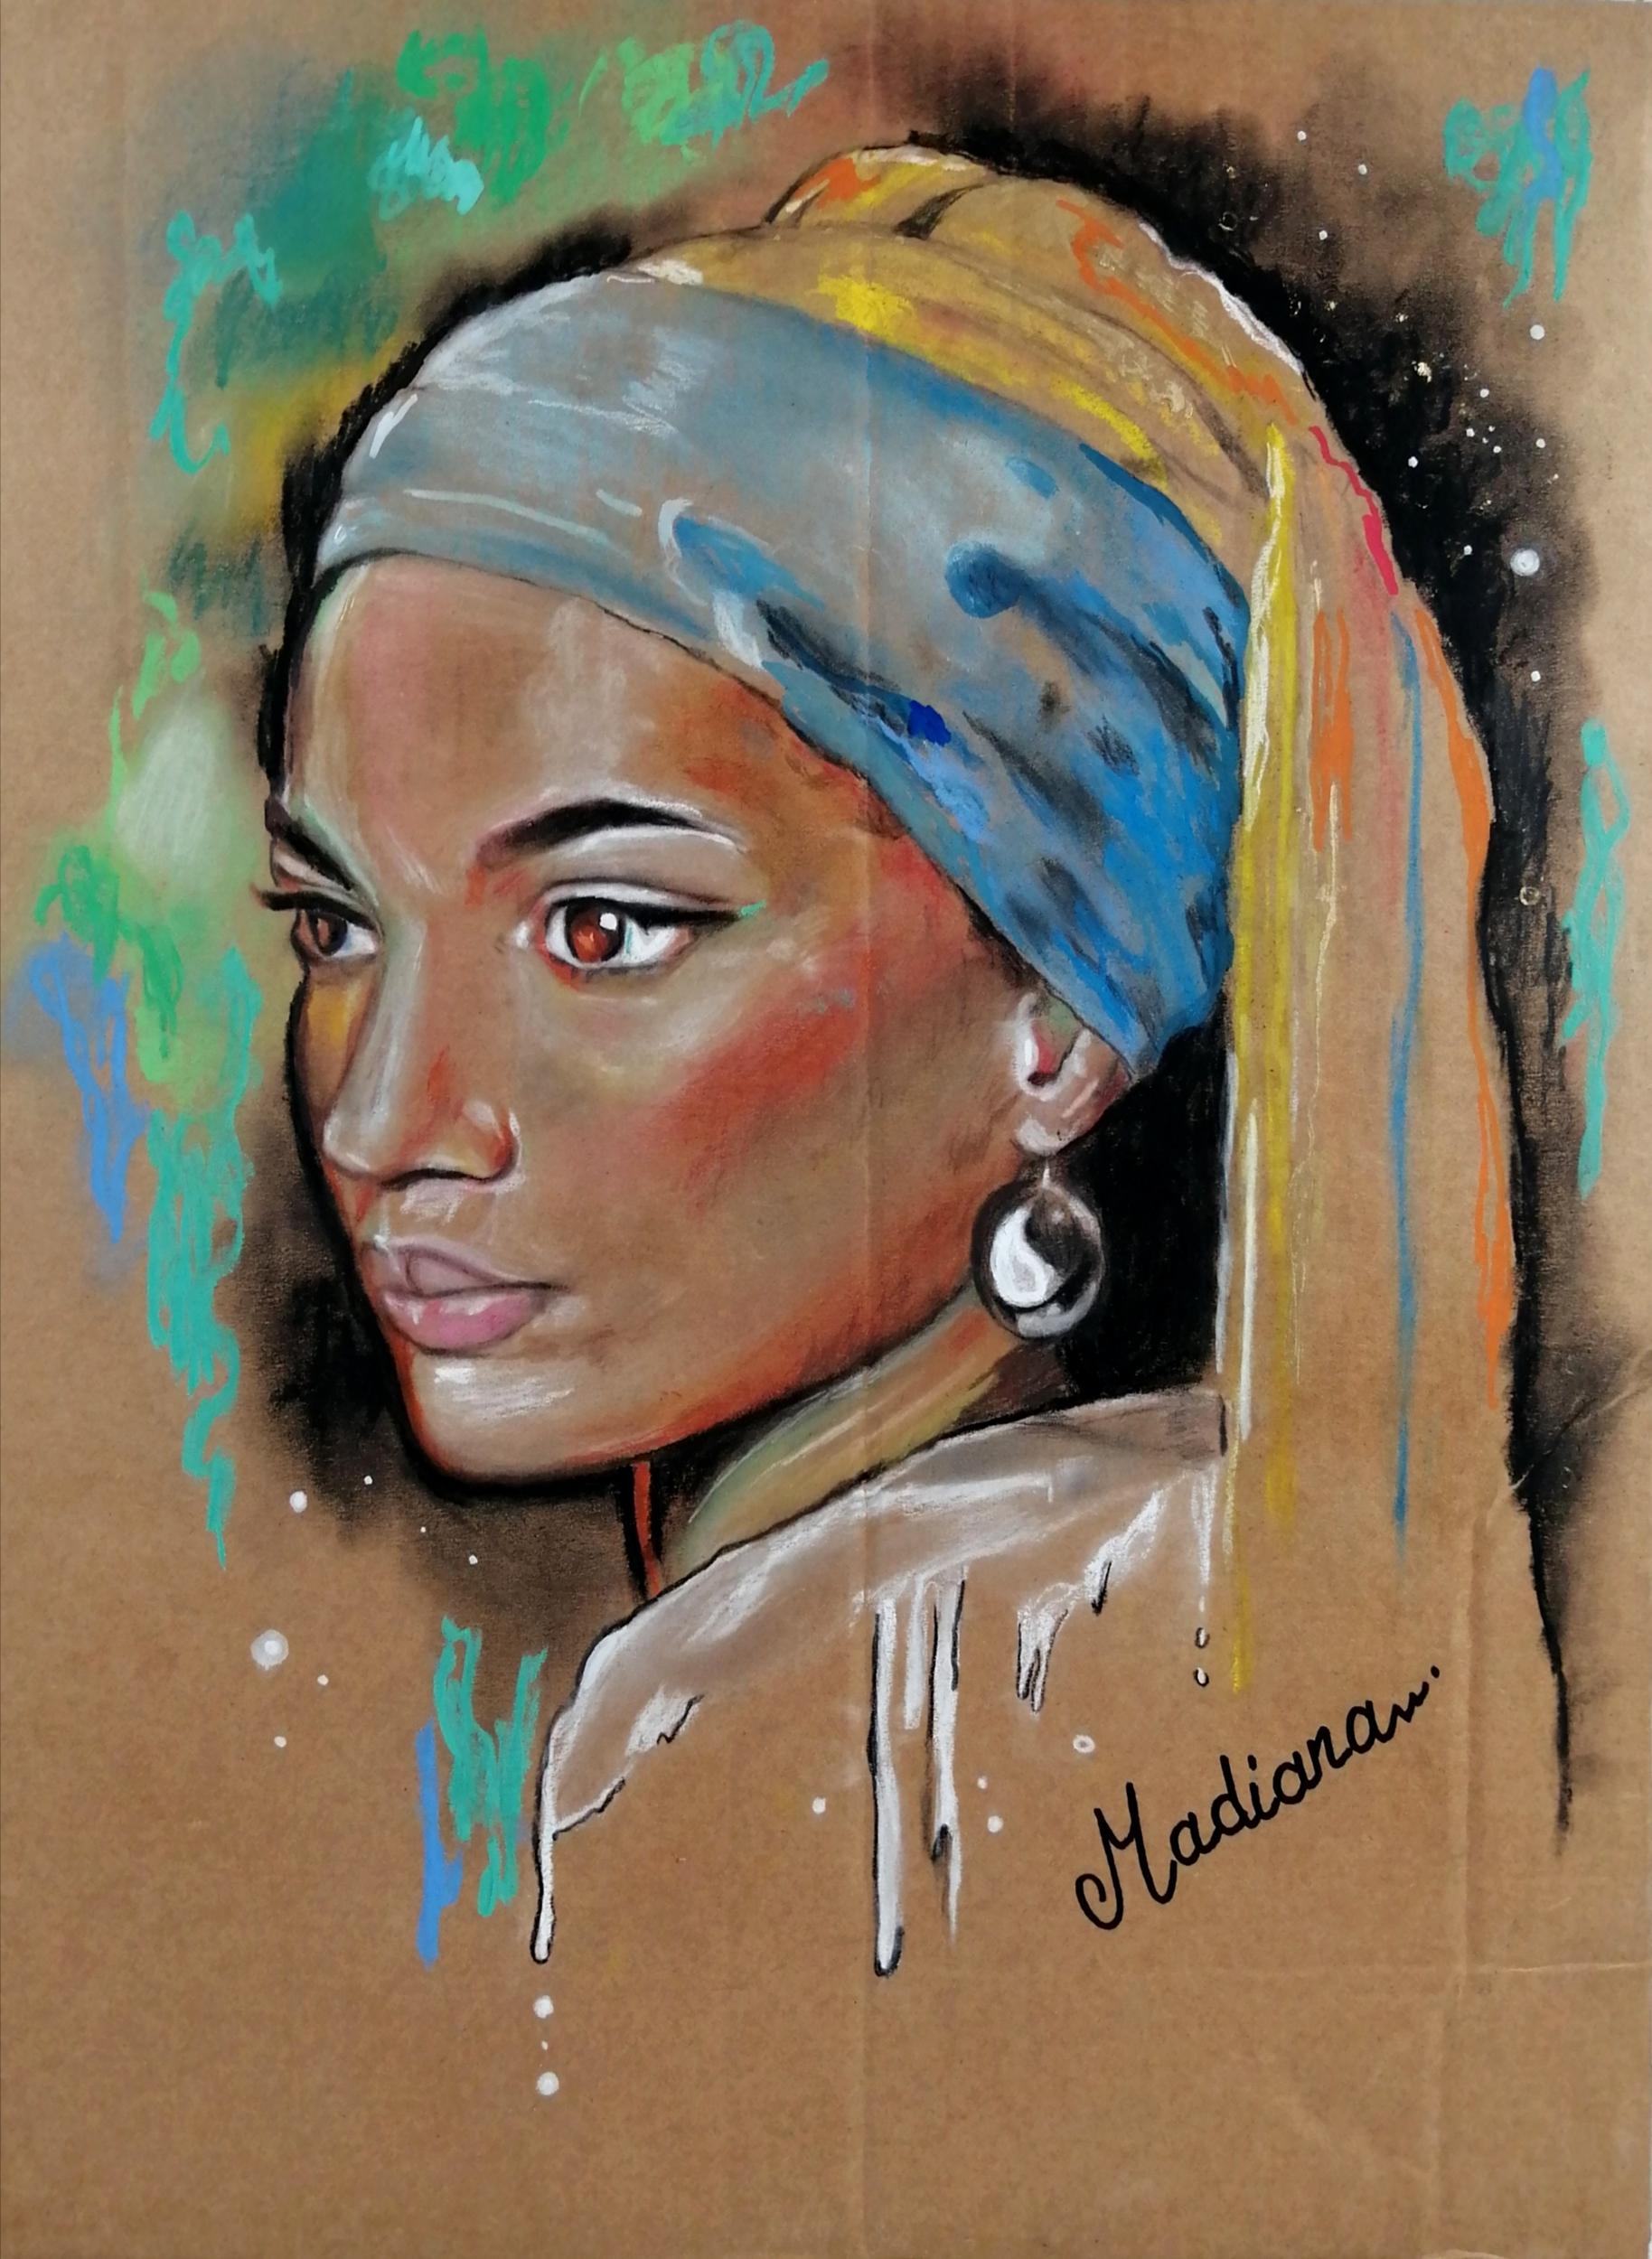 affiche art contemporain femme noire afrique espace univers